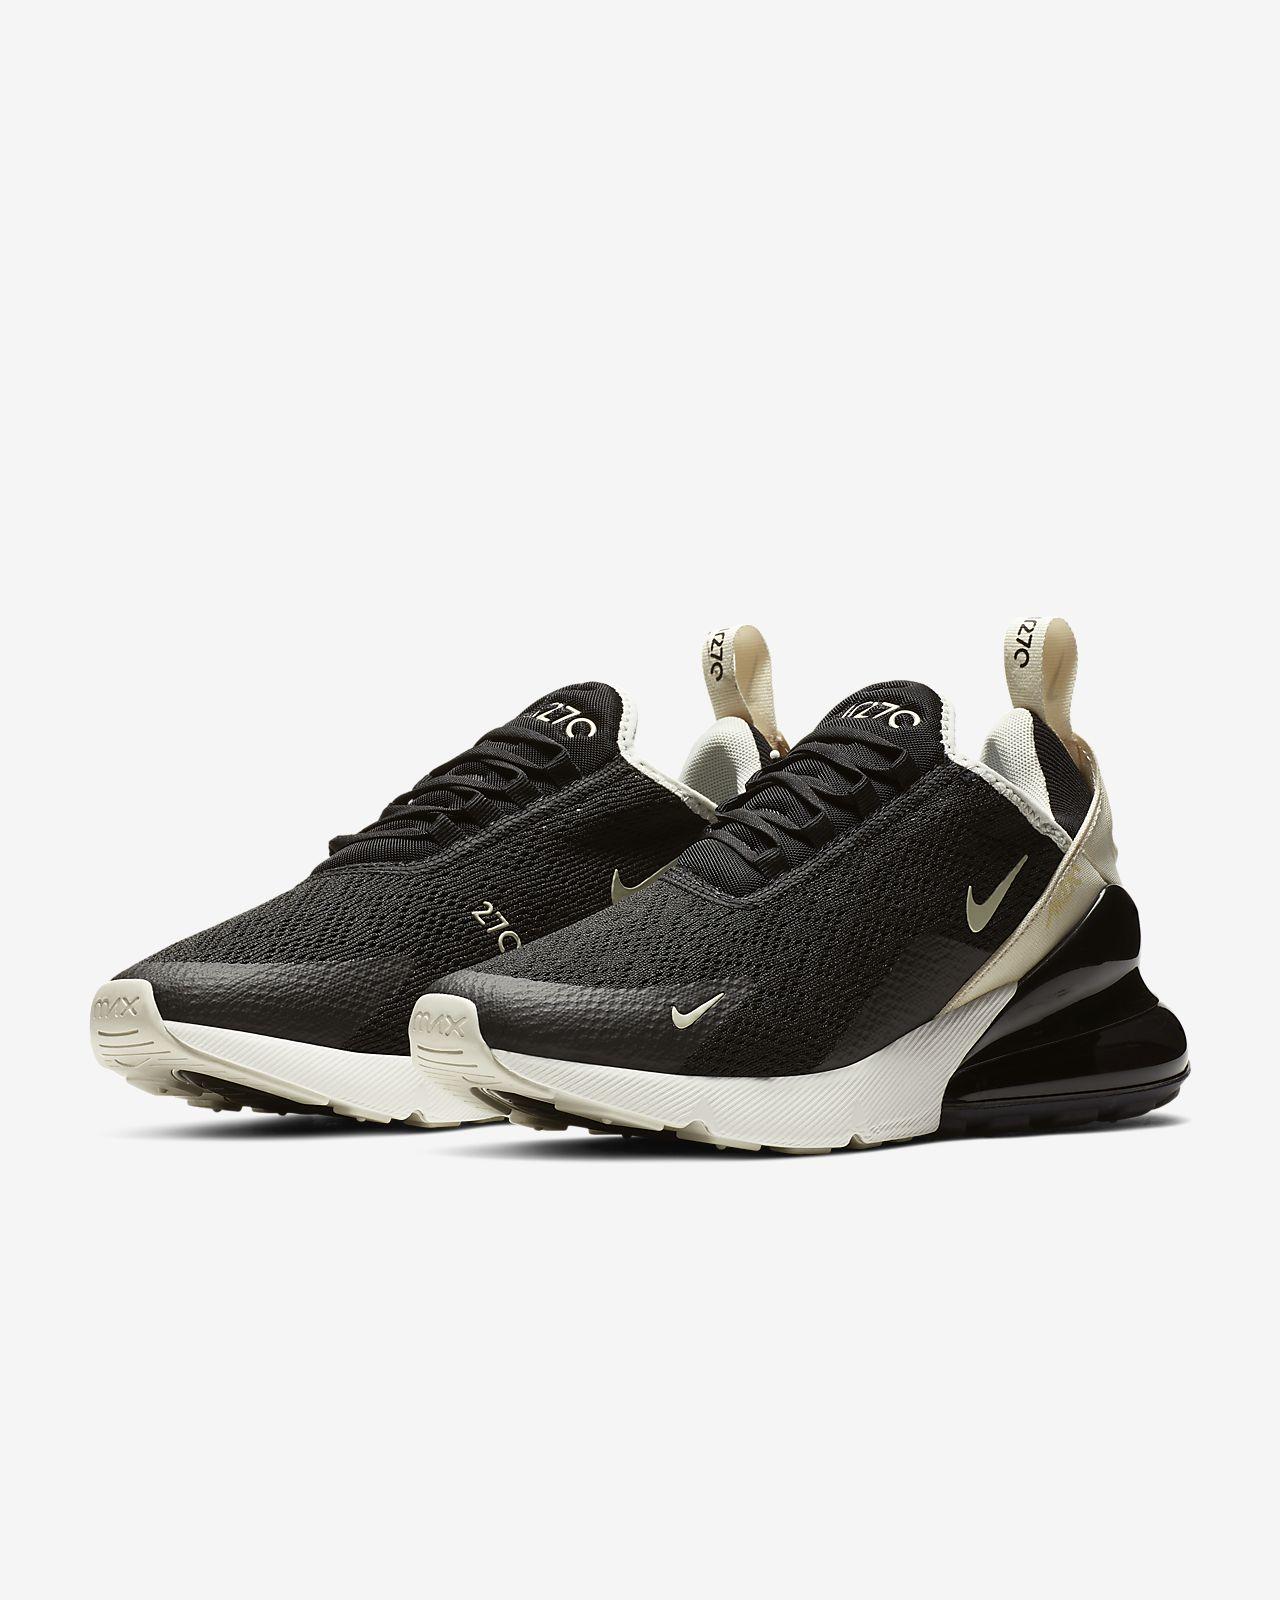 finest selection 44149 896a6 ... Calzado para mujer Nike Air Max 270